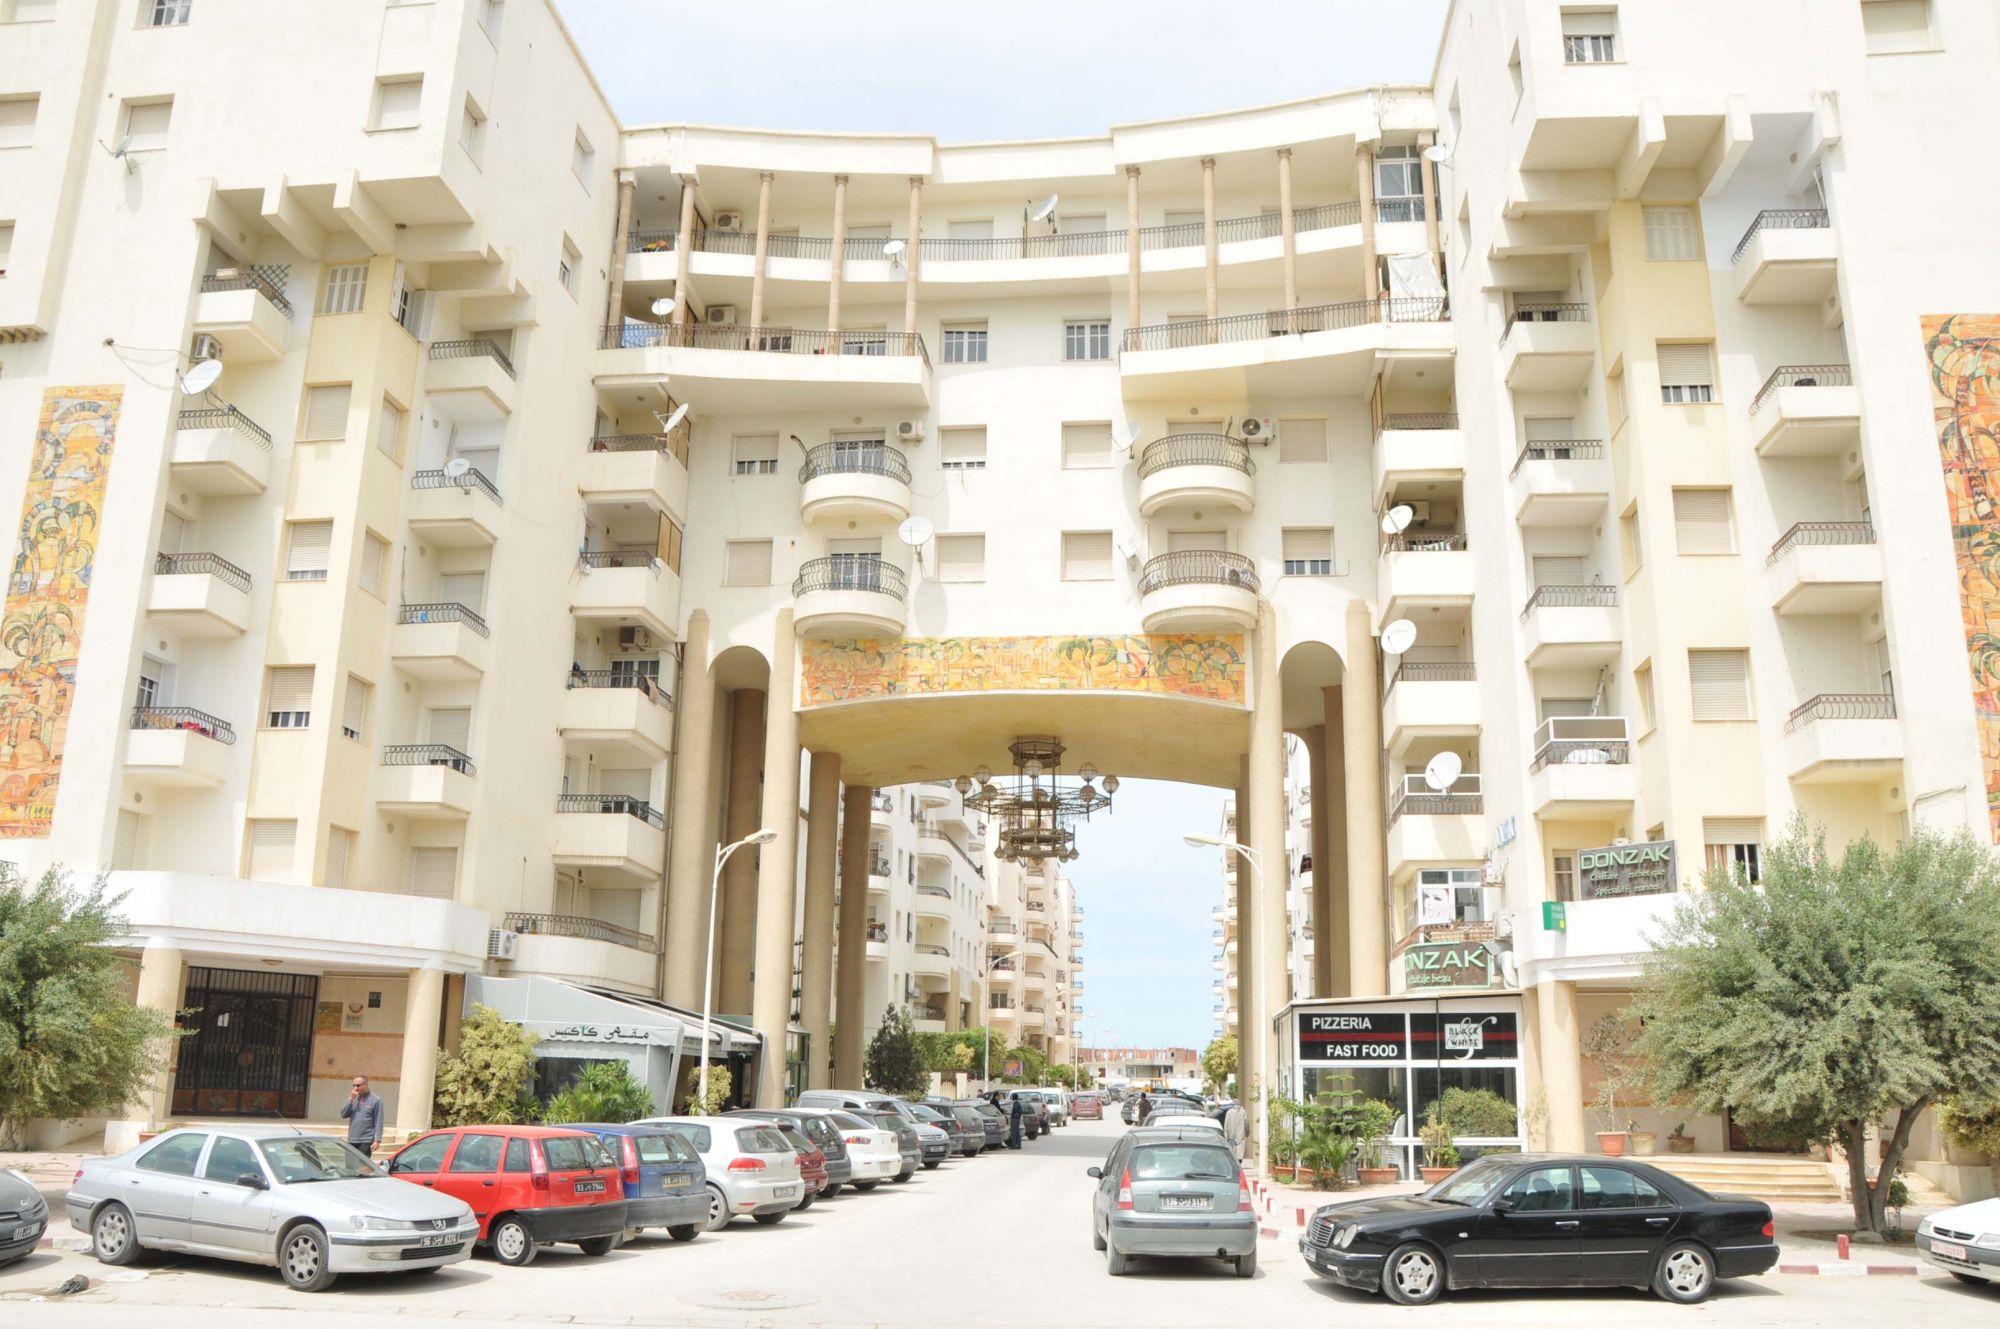 A vendre un joli appartement a tunis ainzaghouan diair for Accoucher dans une piscine